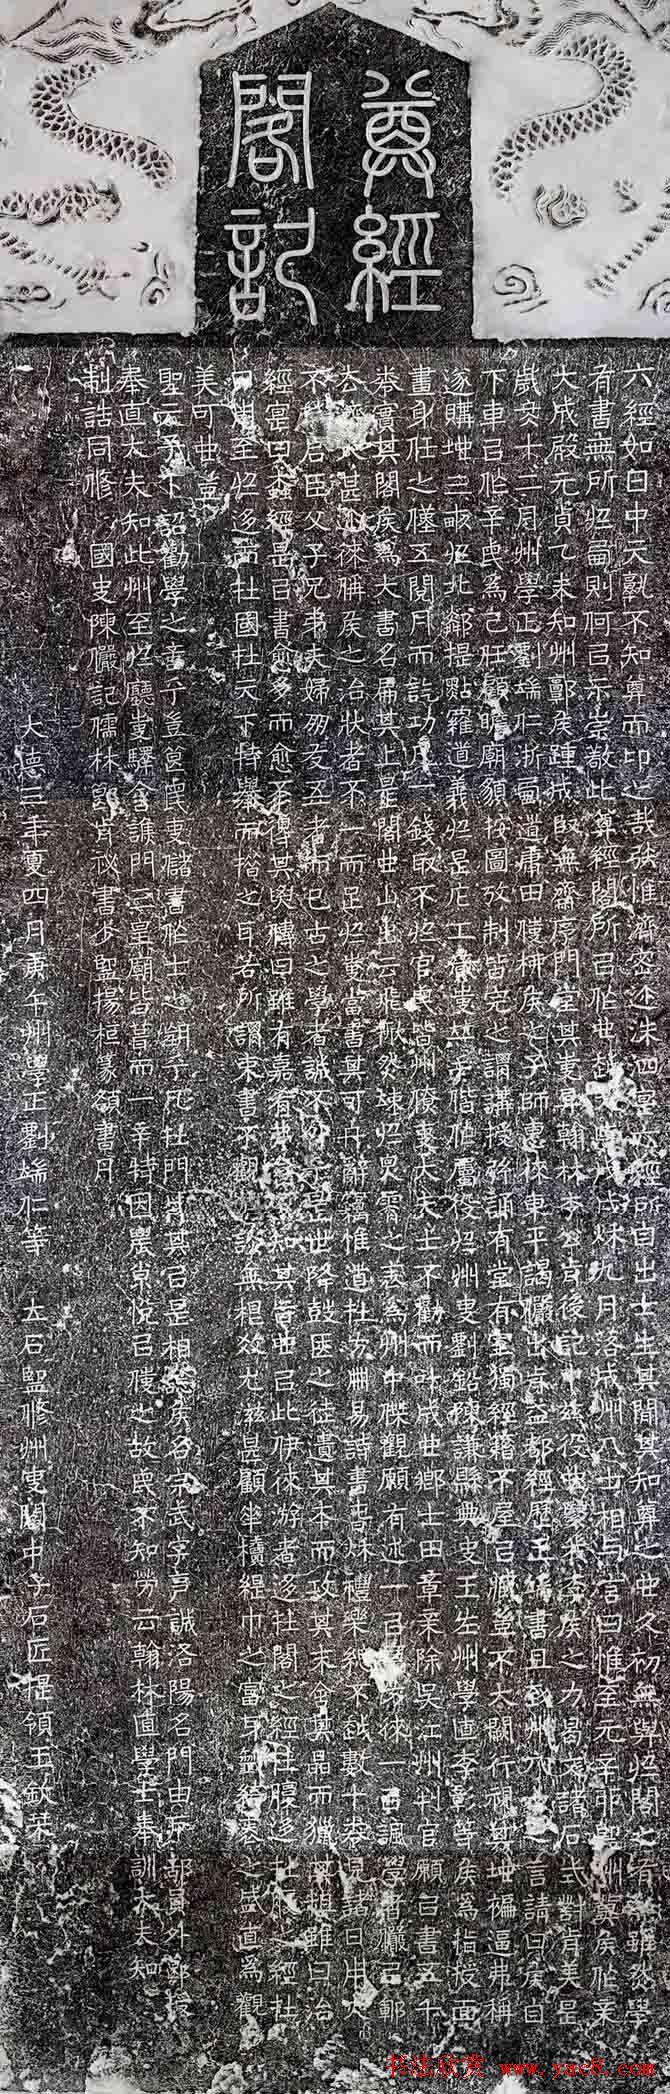 元代杨桓书法赏析《尊经阁记》碑